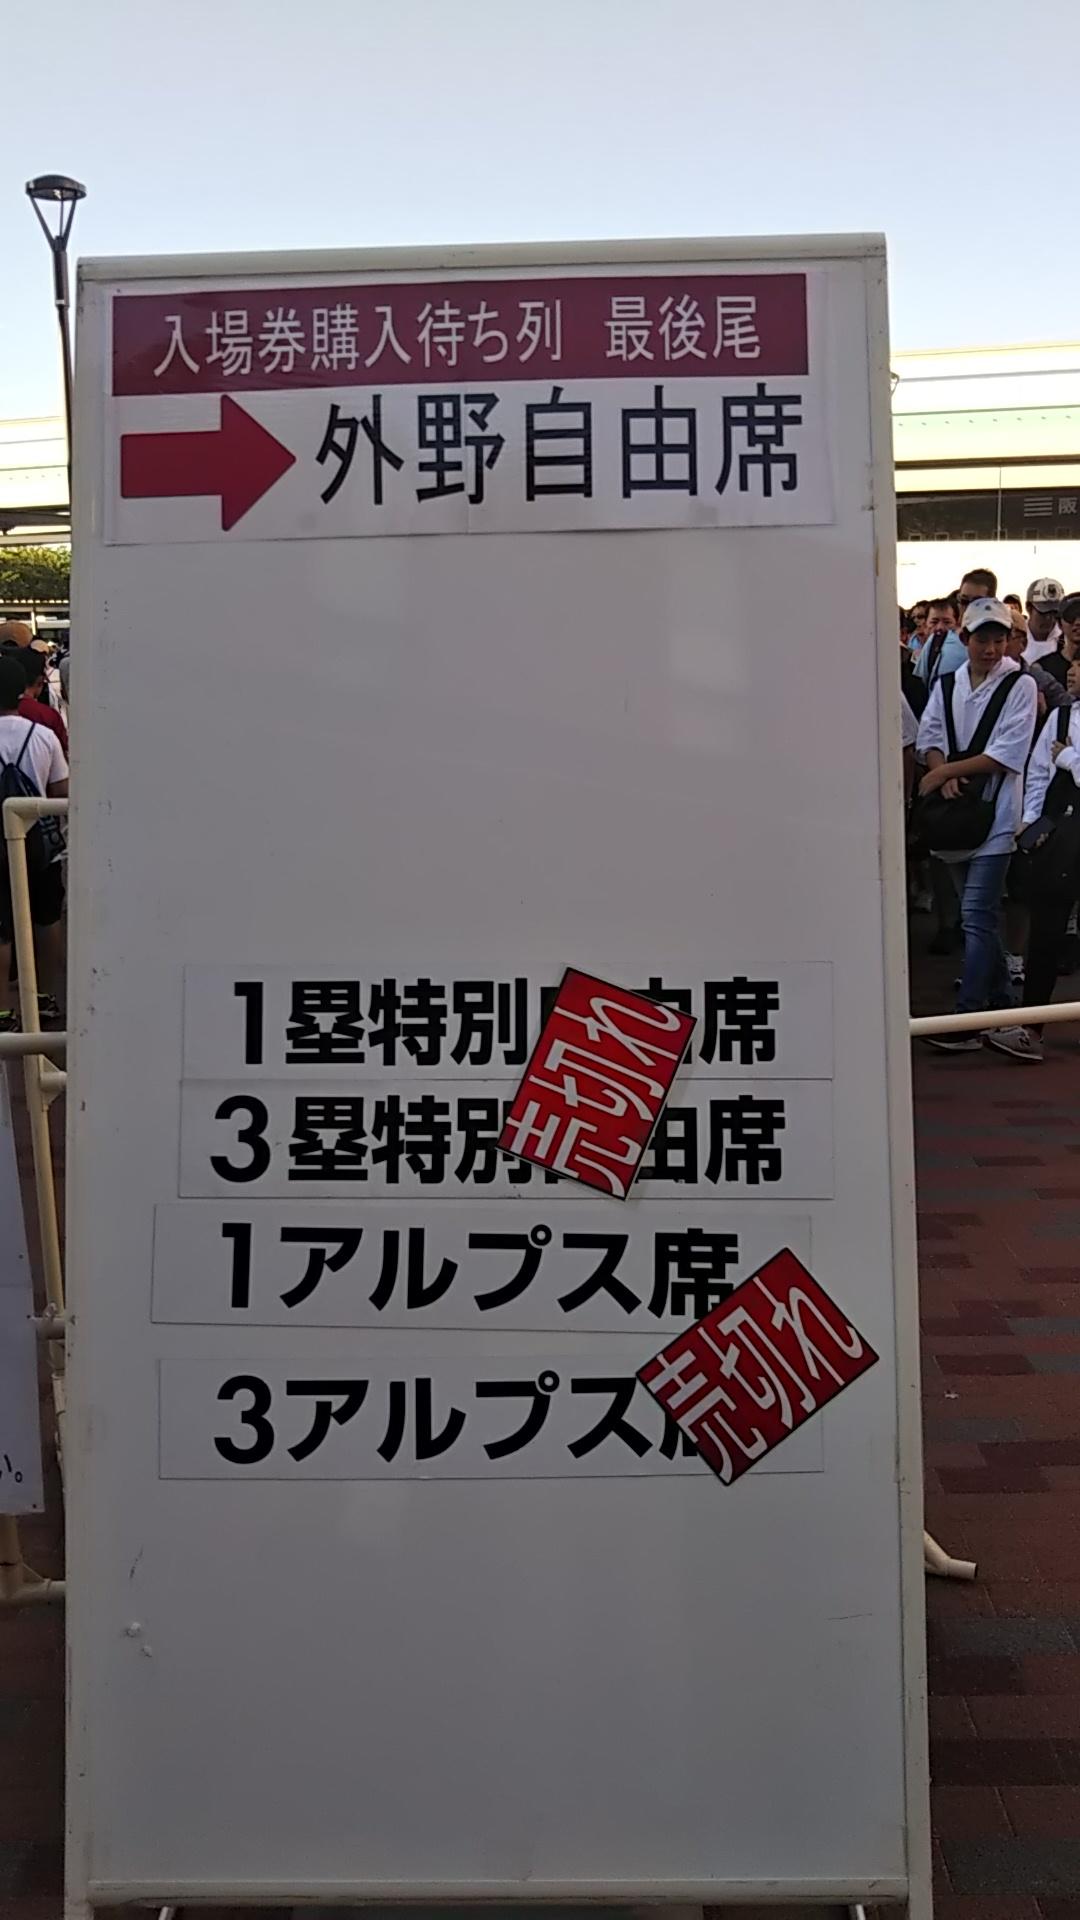 番外編 パート2「浪速、甲子園に行くってよ!」